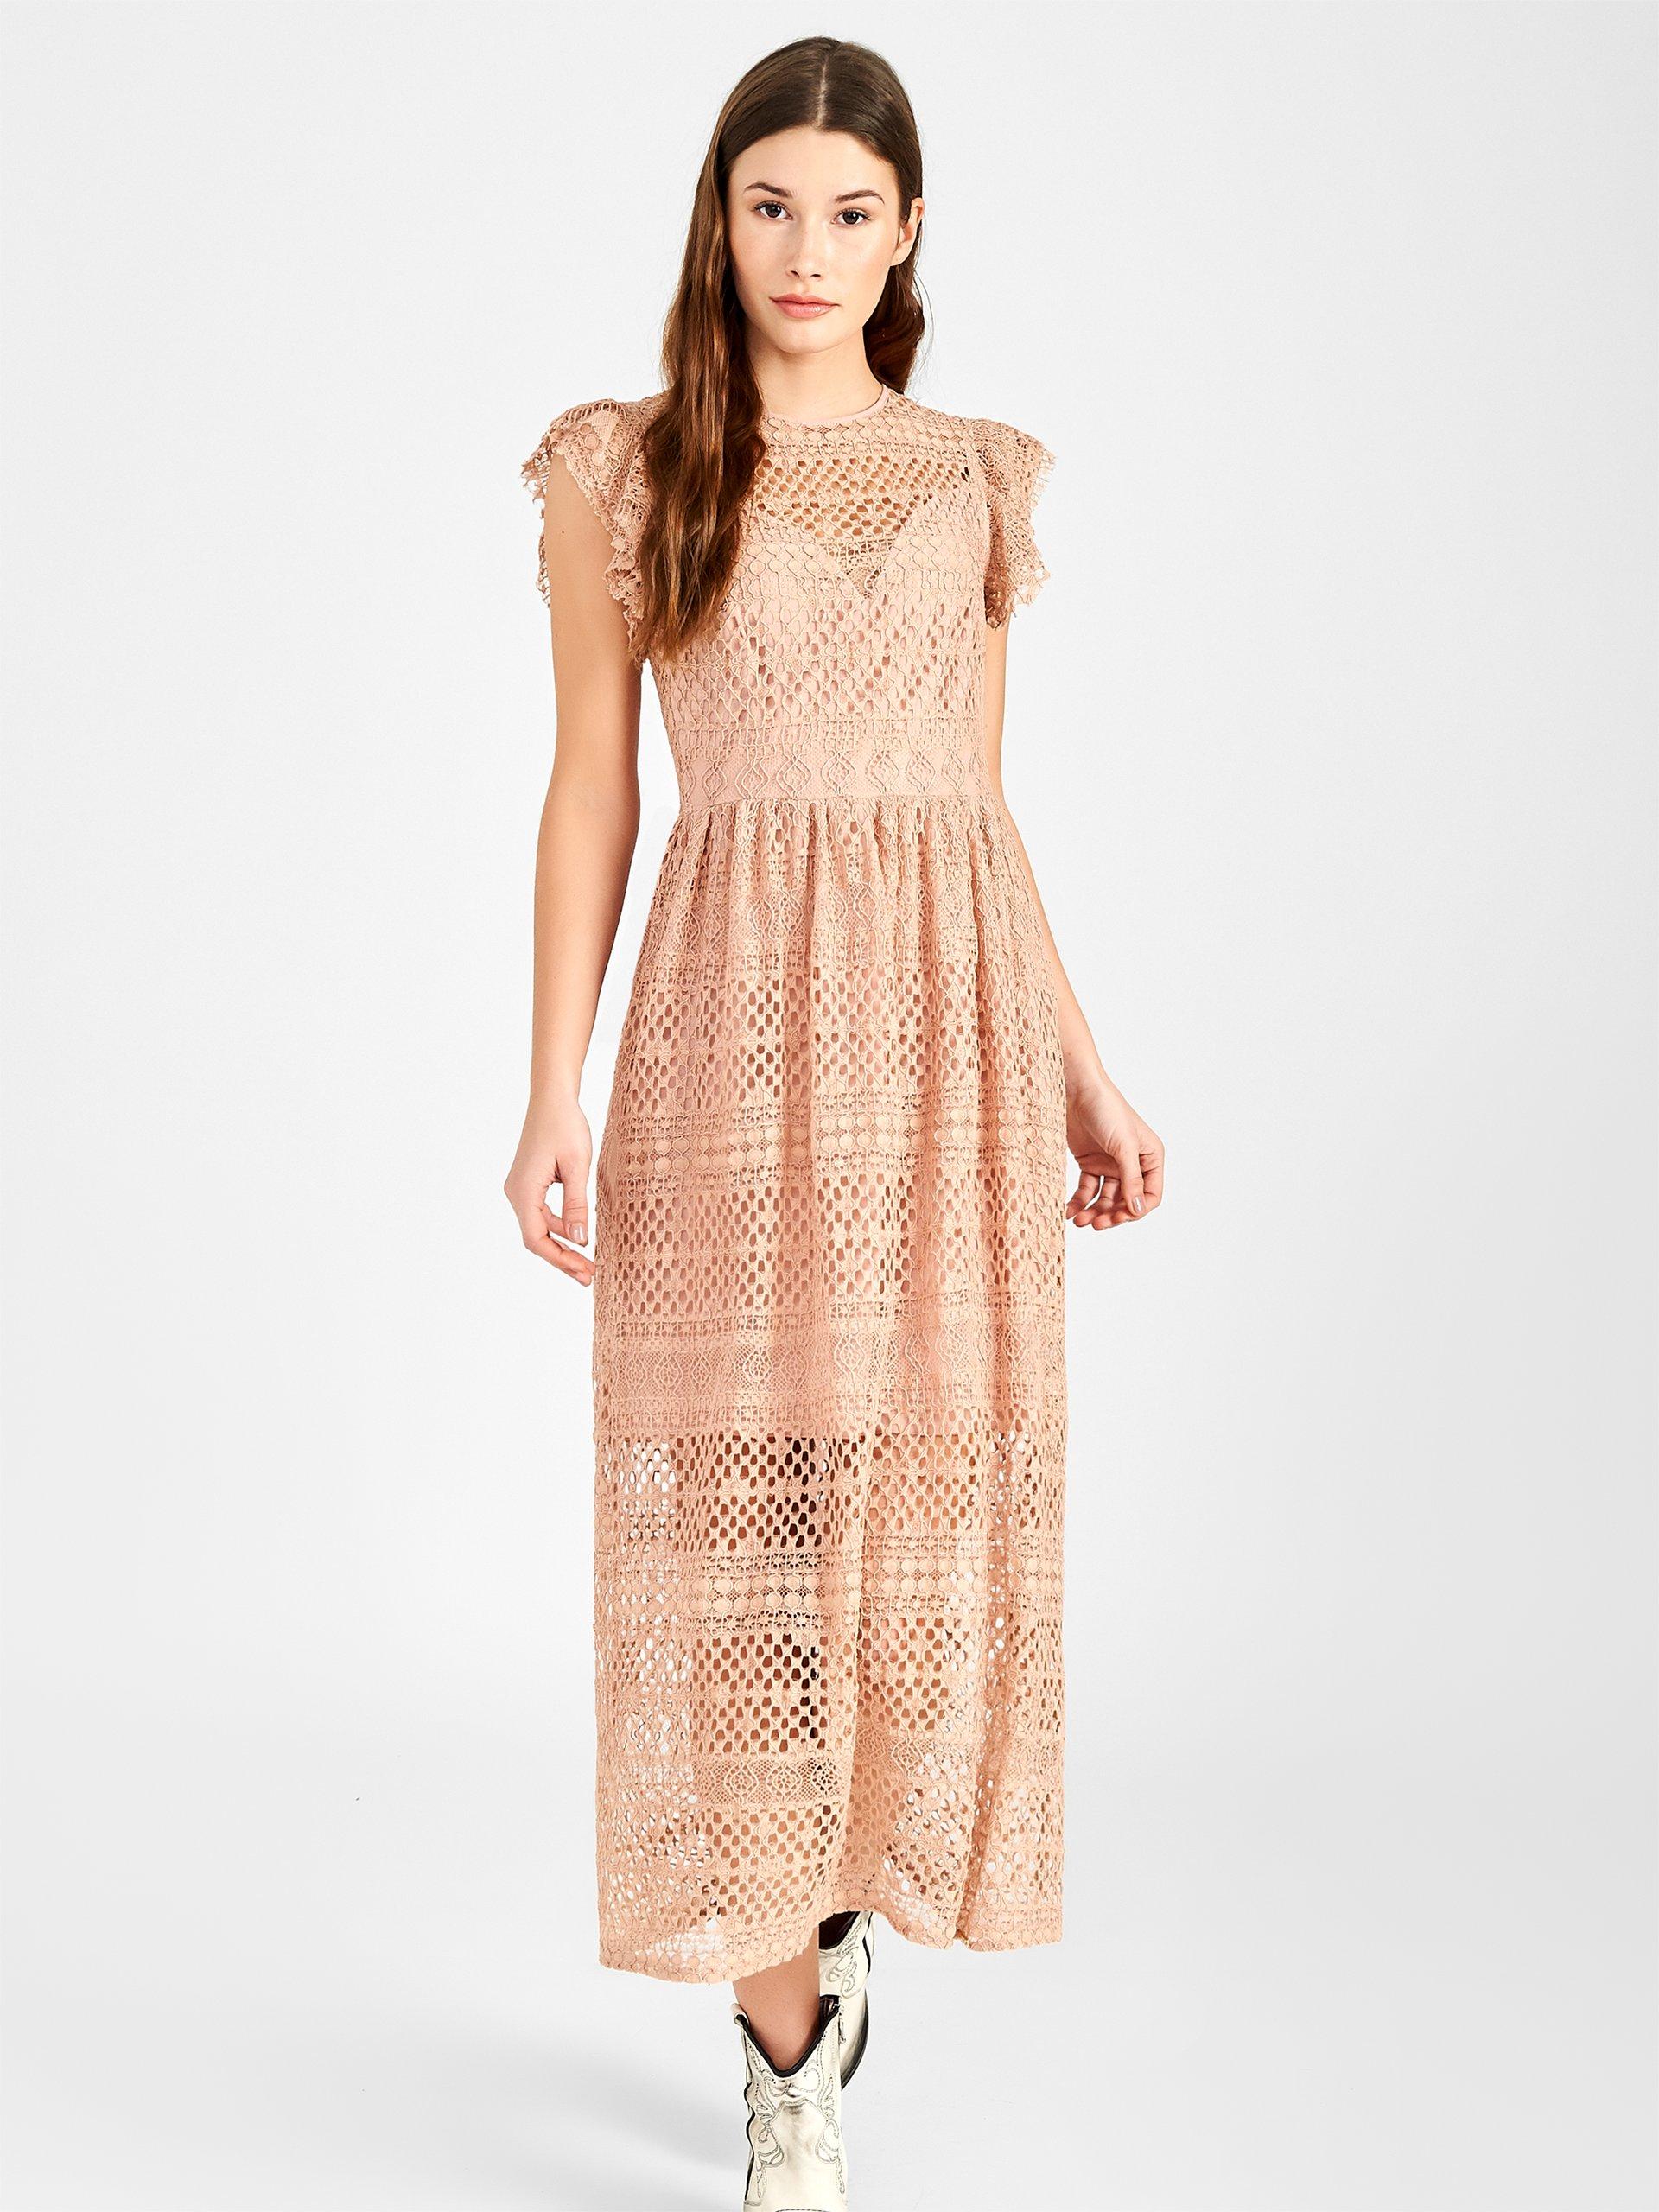 Vestito Rinascimento collezione primavera estate 2019 prezzo 149 euro